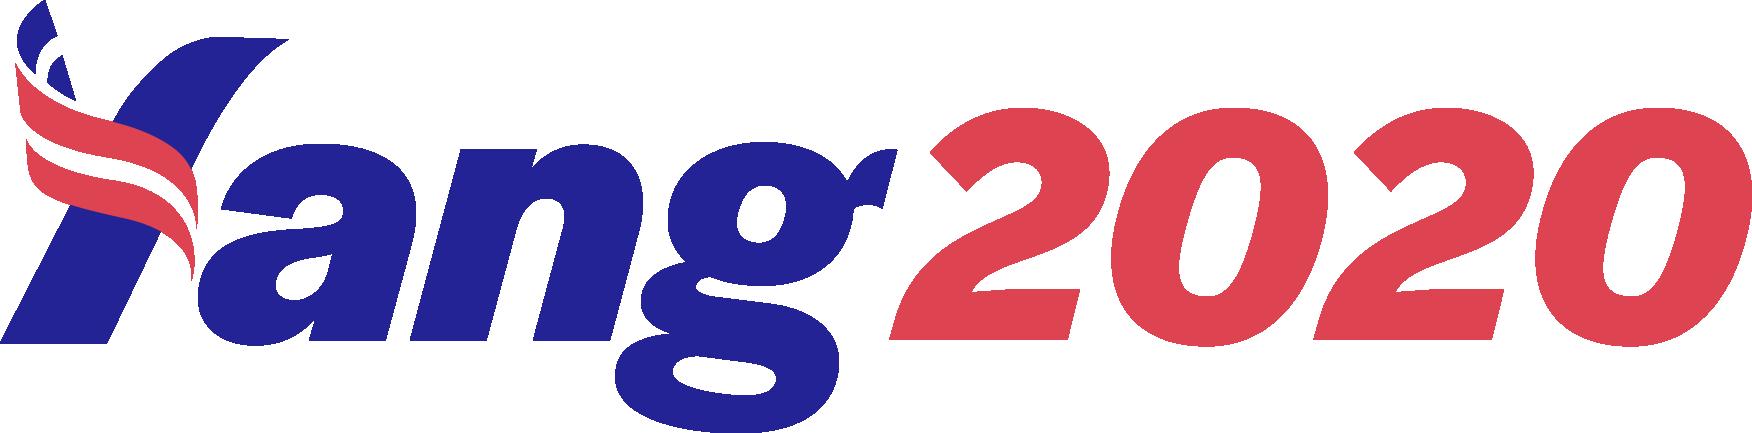 File:Andrew Yang 2020 logo.png.